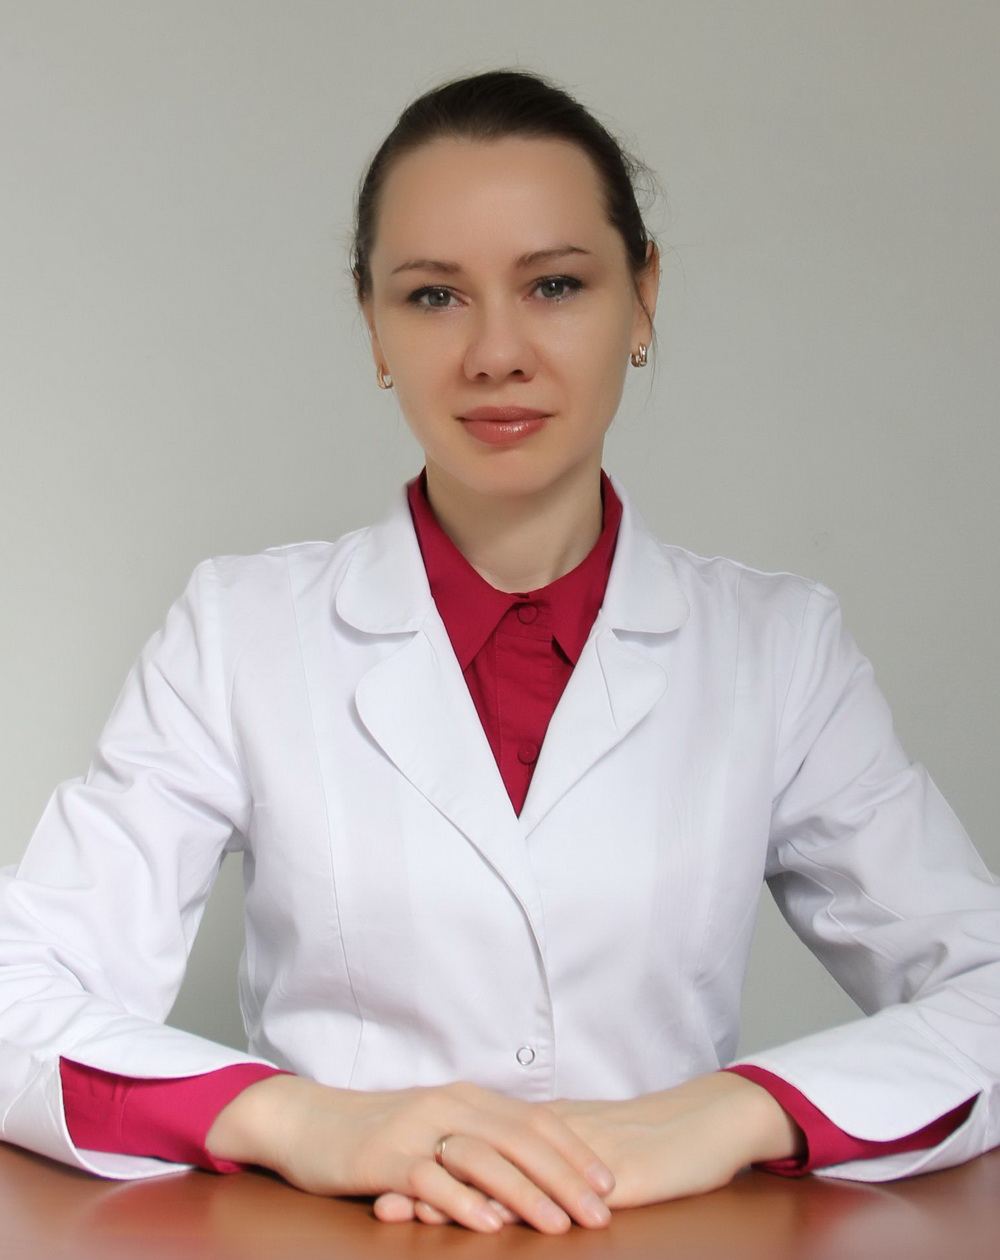 Лучшая клиника эко в питере